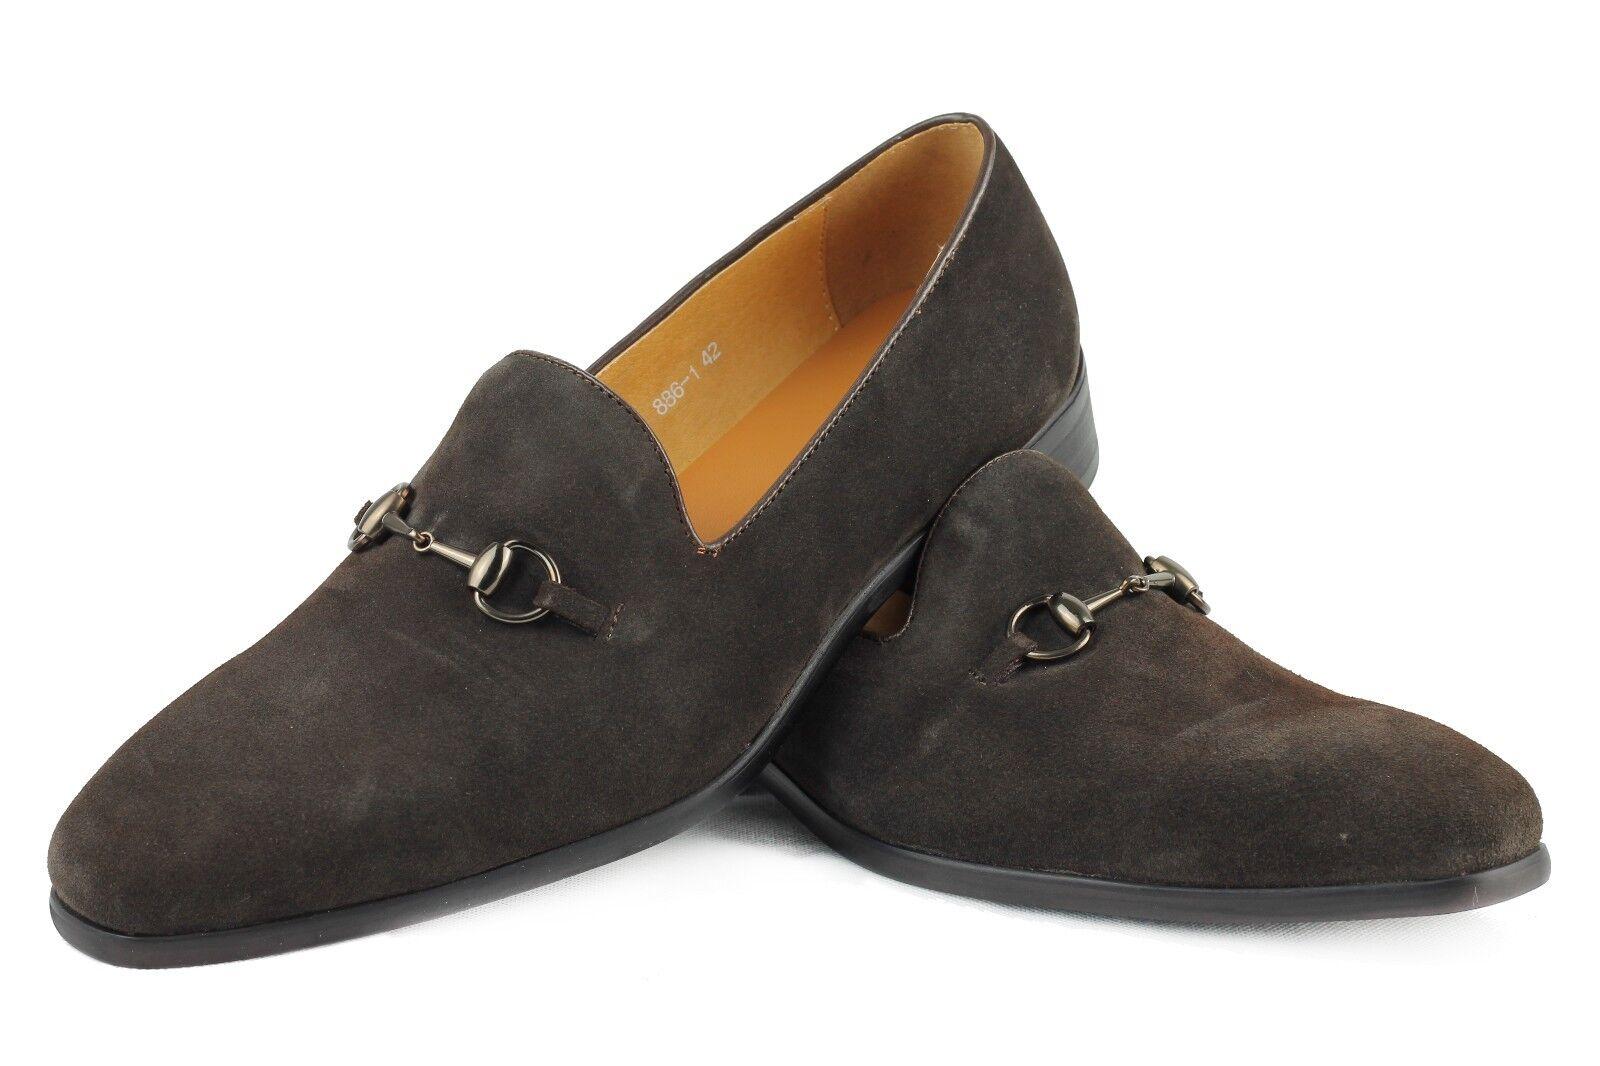 Para Hombre Real De Cuero De Gamuza Marrón horsebit Hebilla Vintage Tacón Mocasines Zapatos